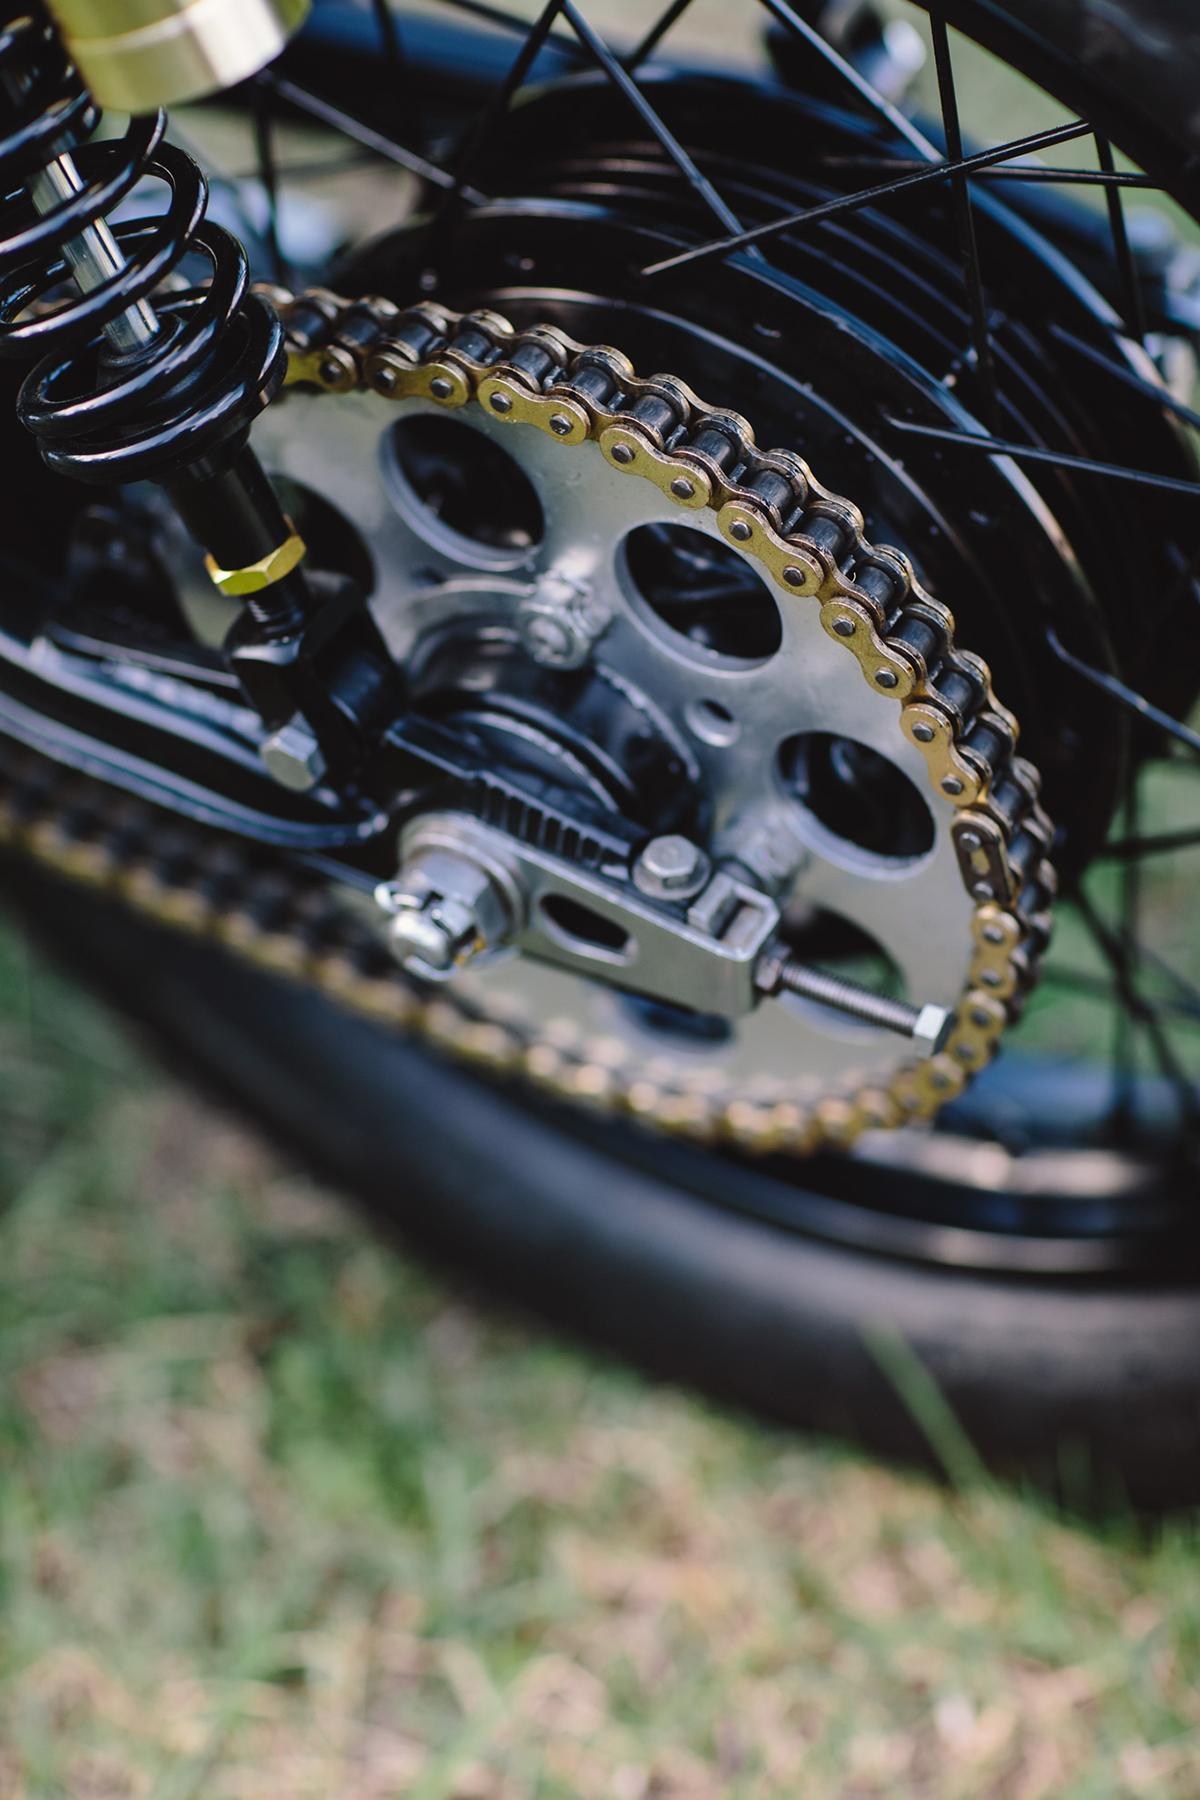 Adrian-Honda-CB750-Cafe-racer_8707